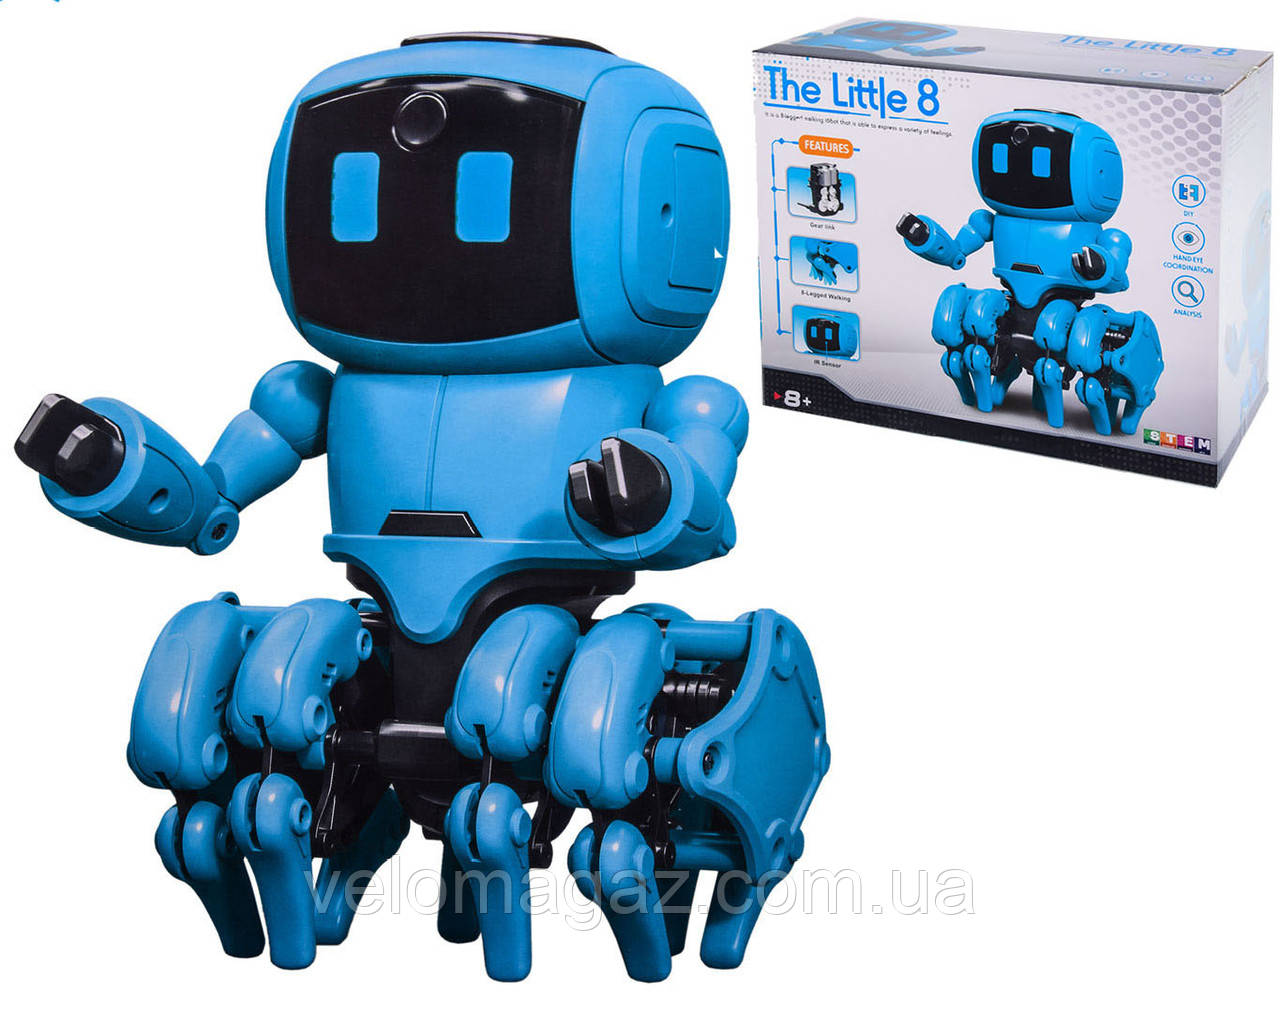 Конструктор Интерактивный Робот на сенсорном управлении 962, 205 деталей